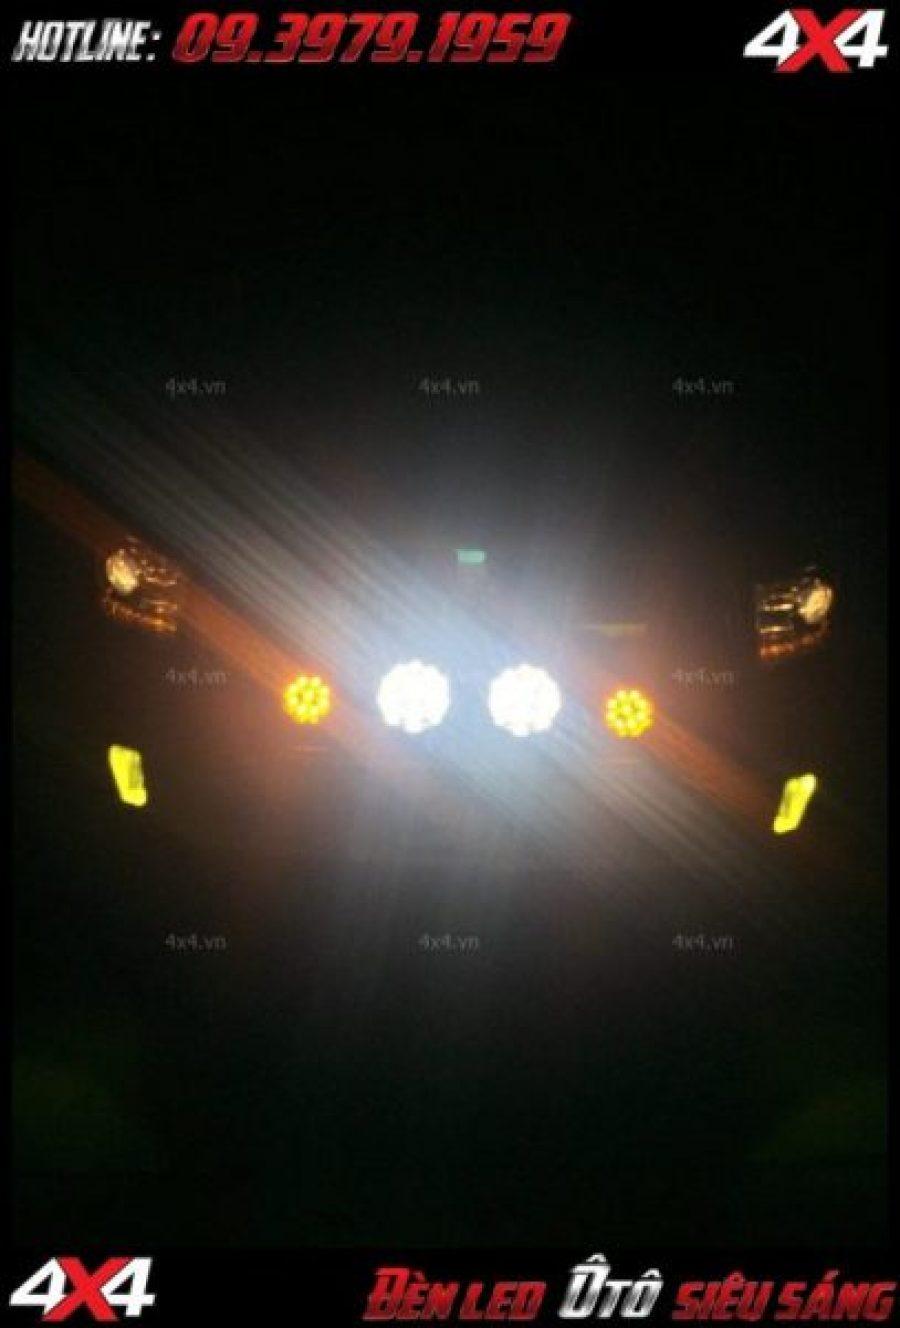 Hình ảnh Mẫu đèn led bar được ưa thích dành cho dòng xe bán tải ở TpHCM